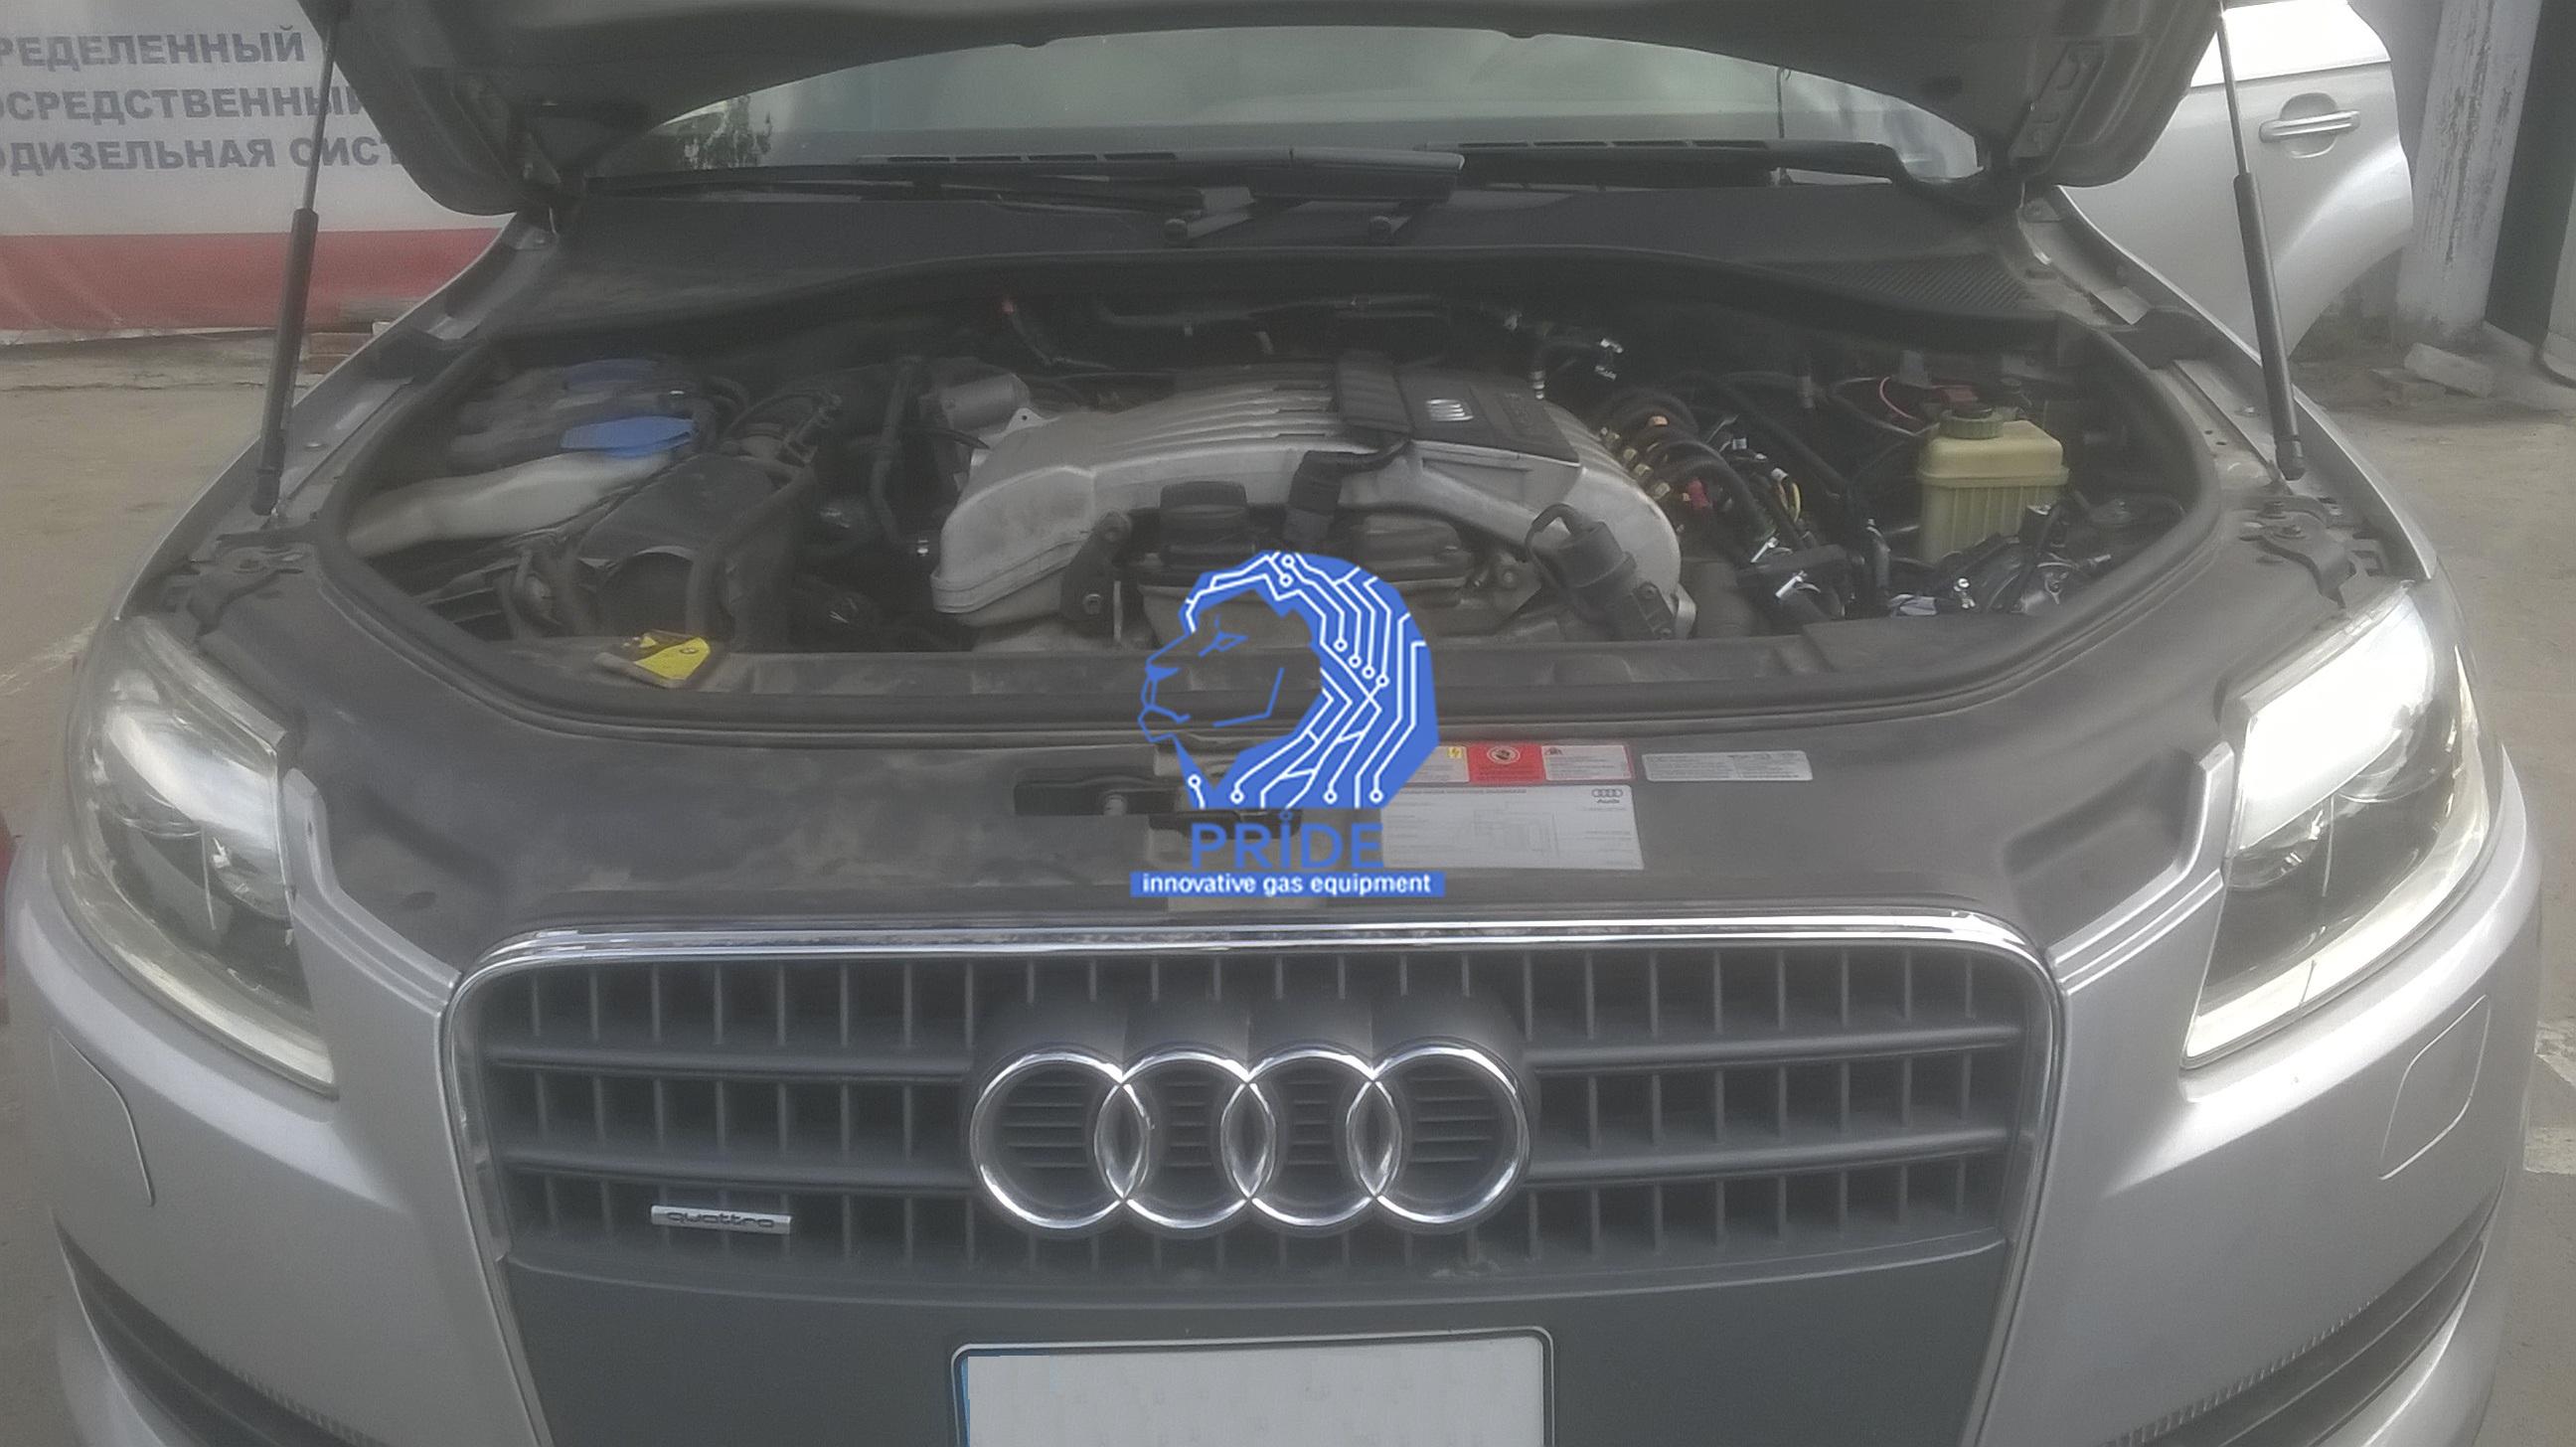 Двигатель автомобиля Audi Q7 после установки ГБО